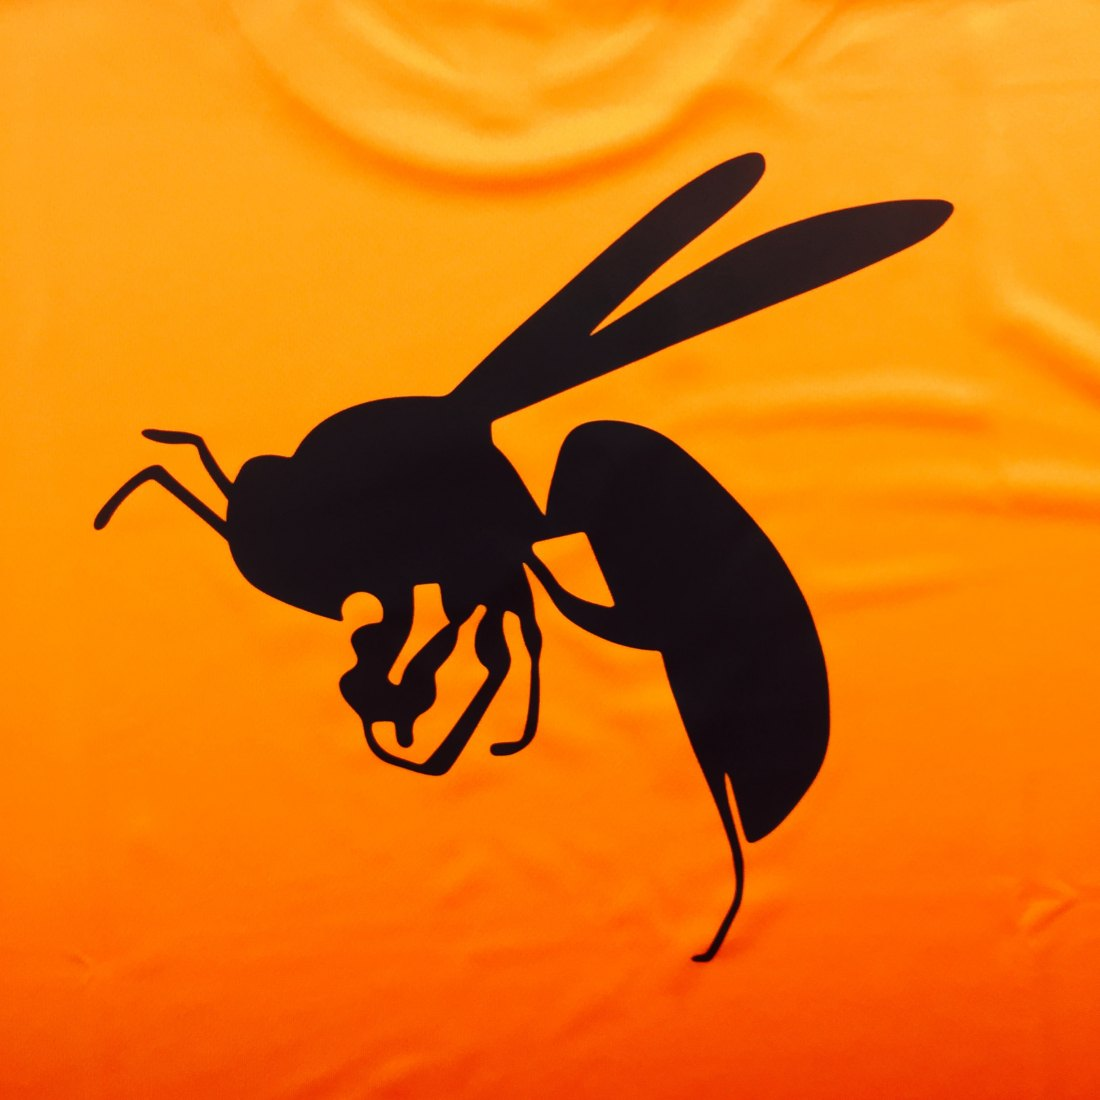 蜂 イラスト かっこいい | 7331 イラス